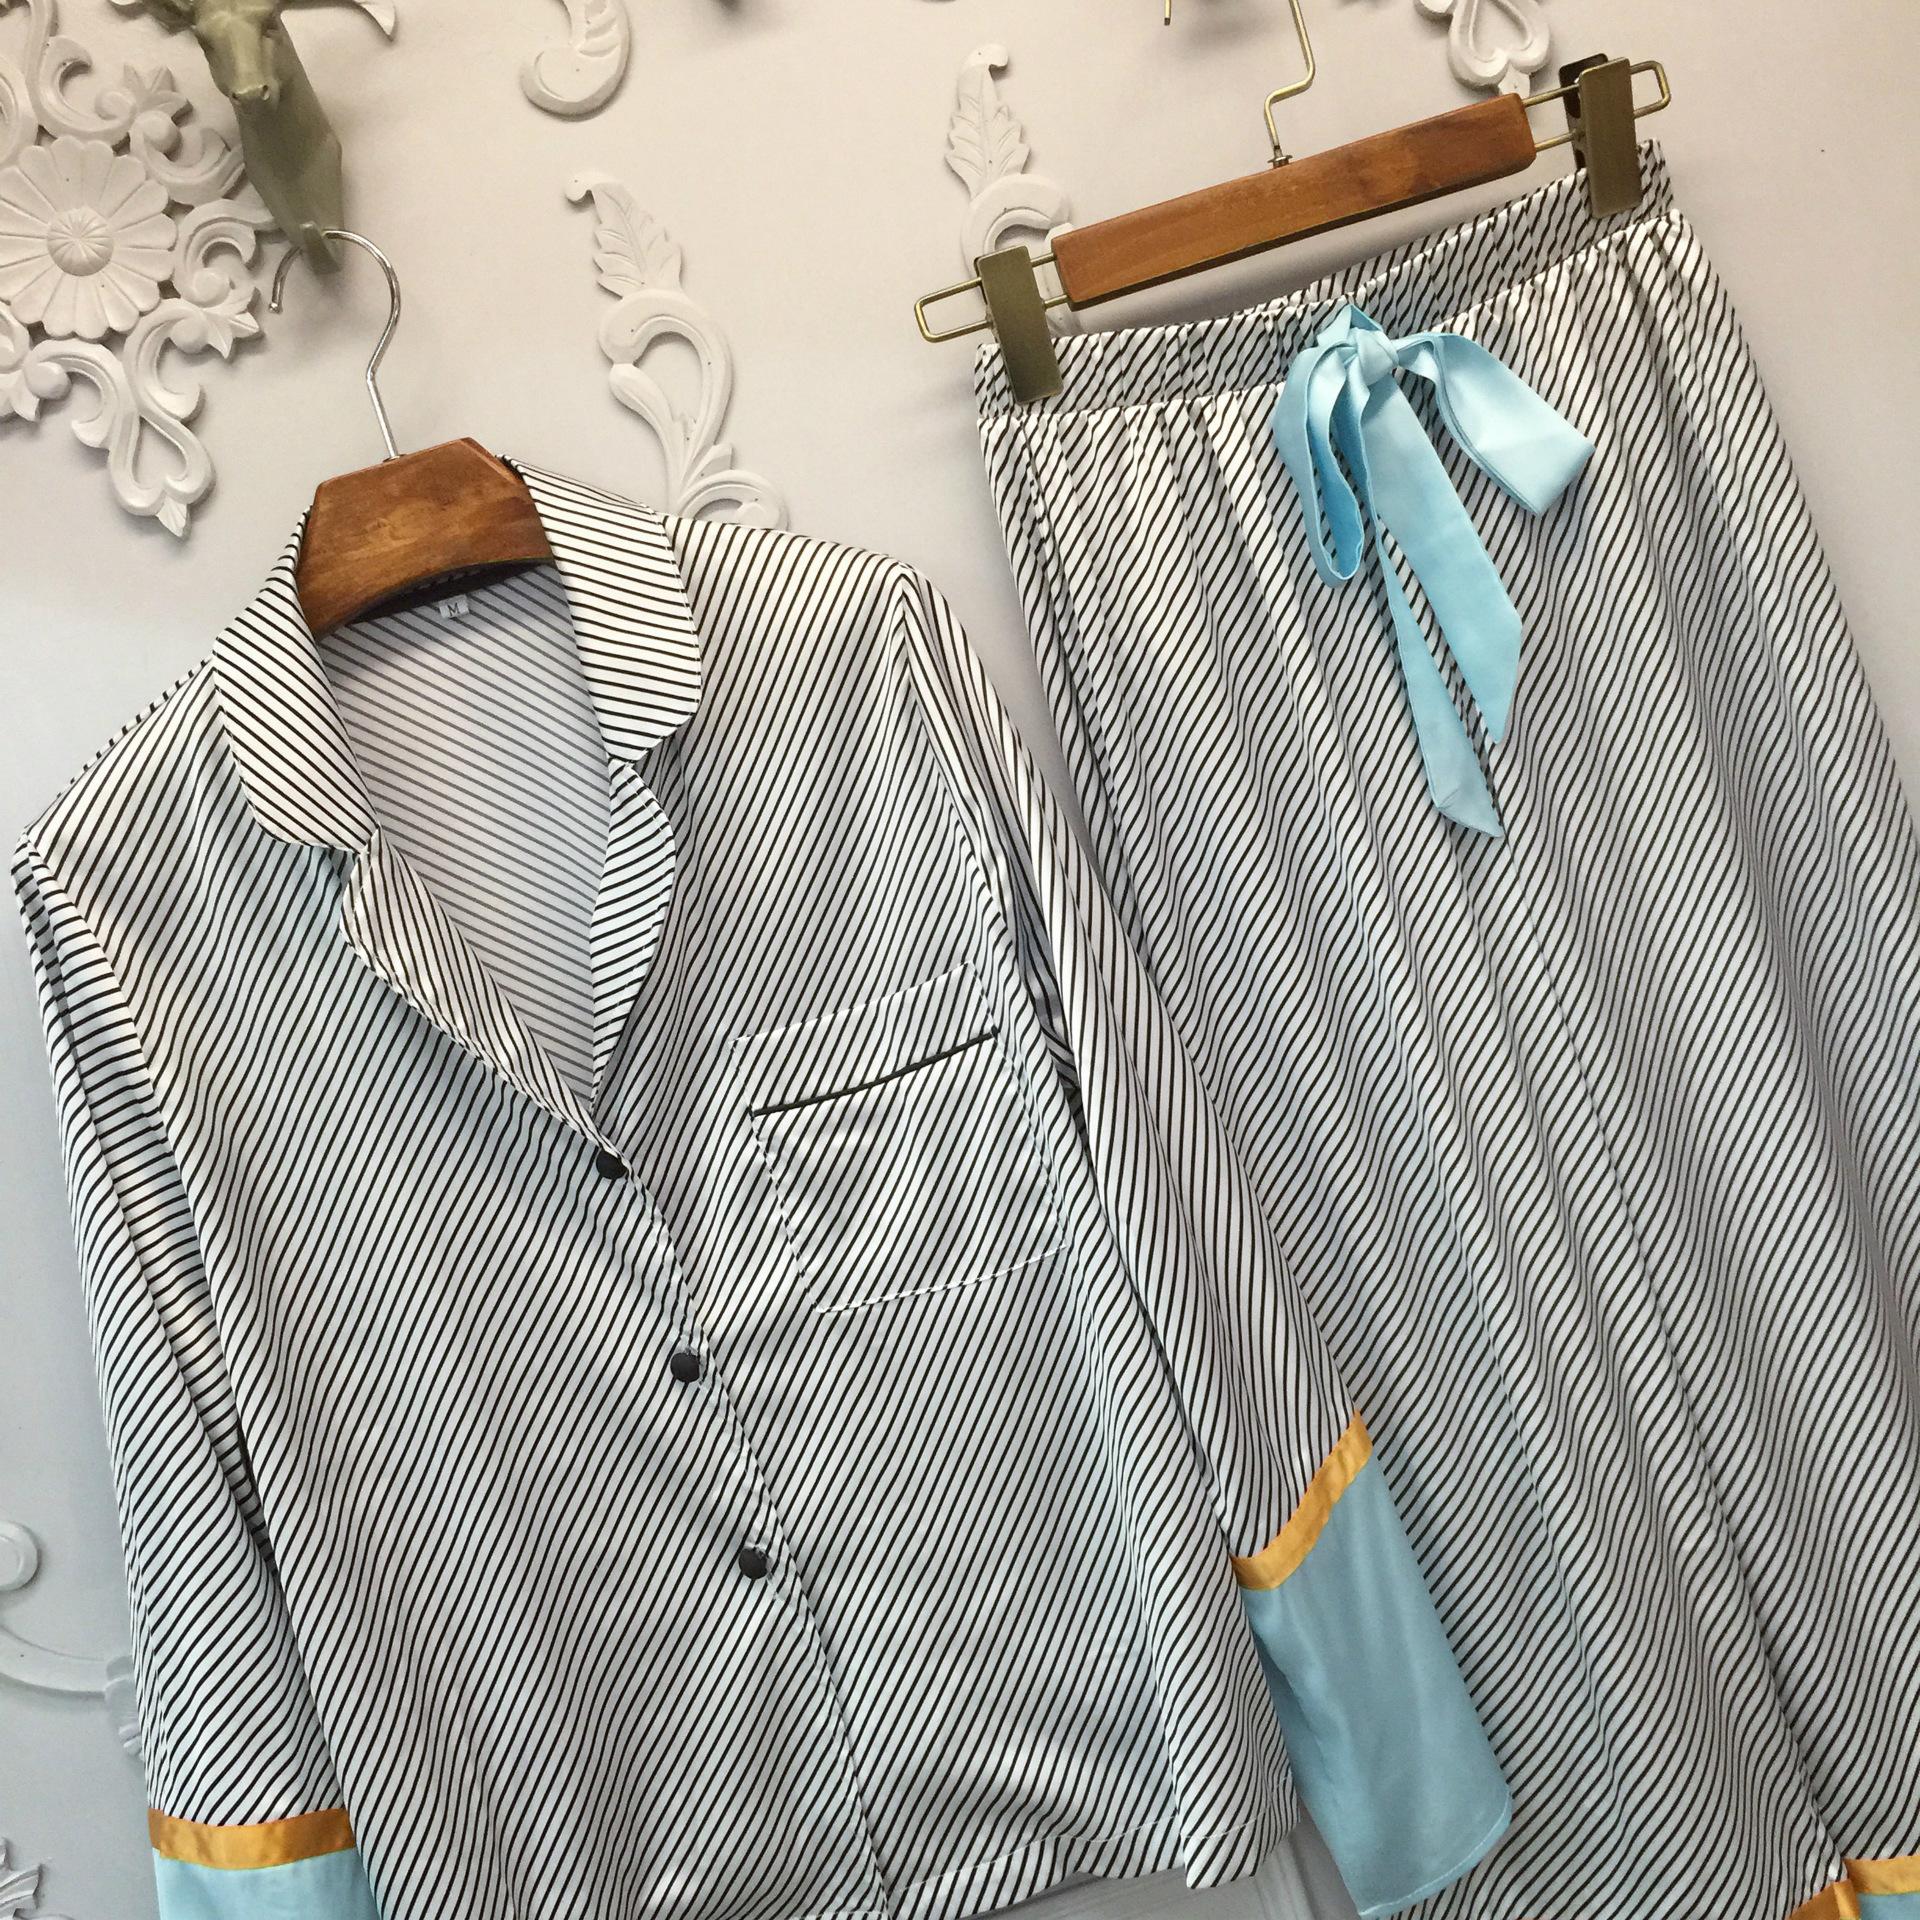 港味十足睡衣风套装真丝衬衫翻领睡衣两件套女秋季长袖休闲家居服